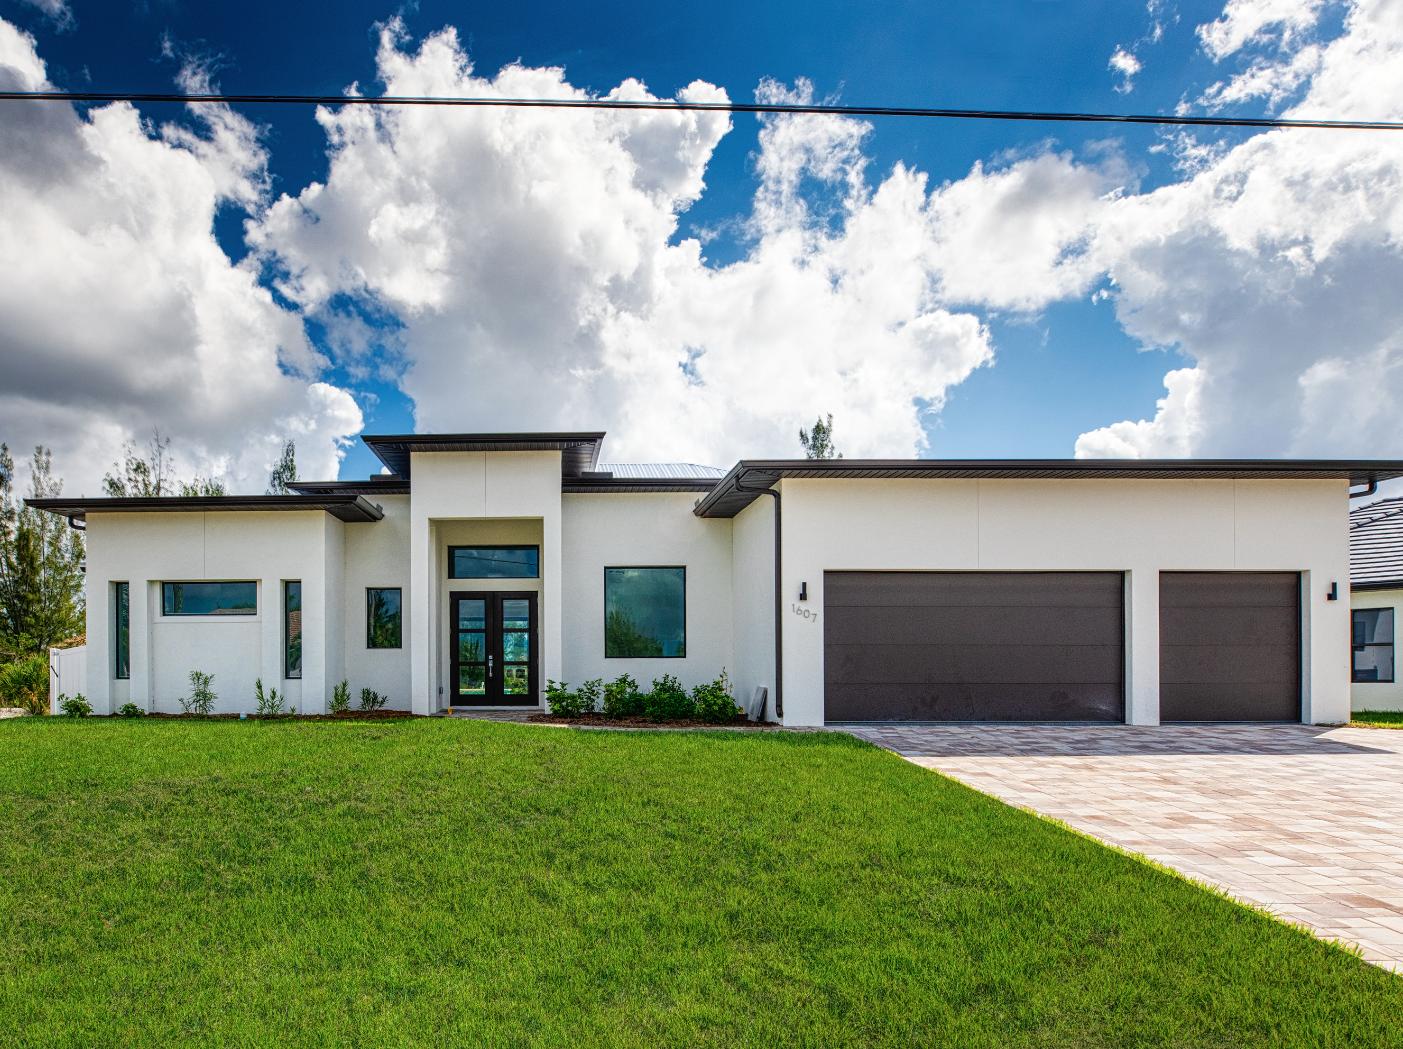 Casas en venta en estados unidos 2020 2